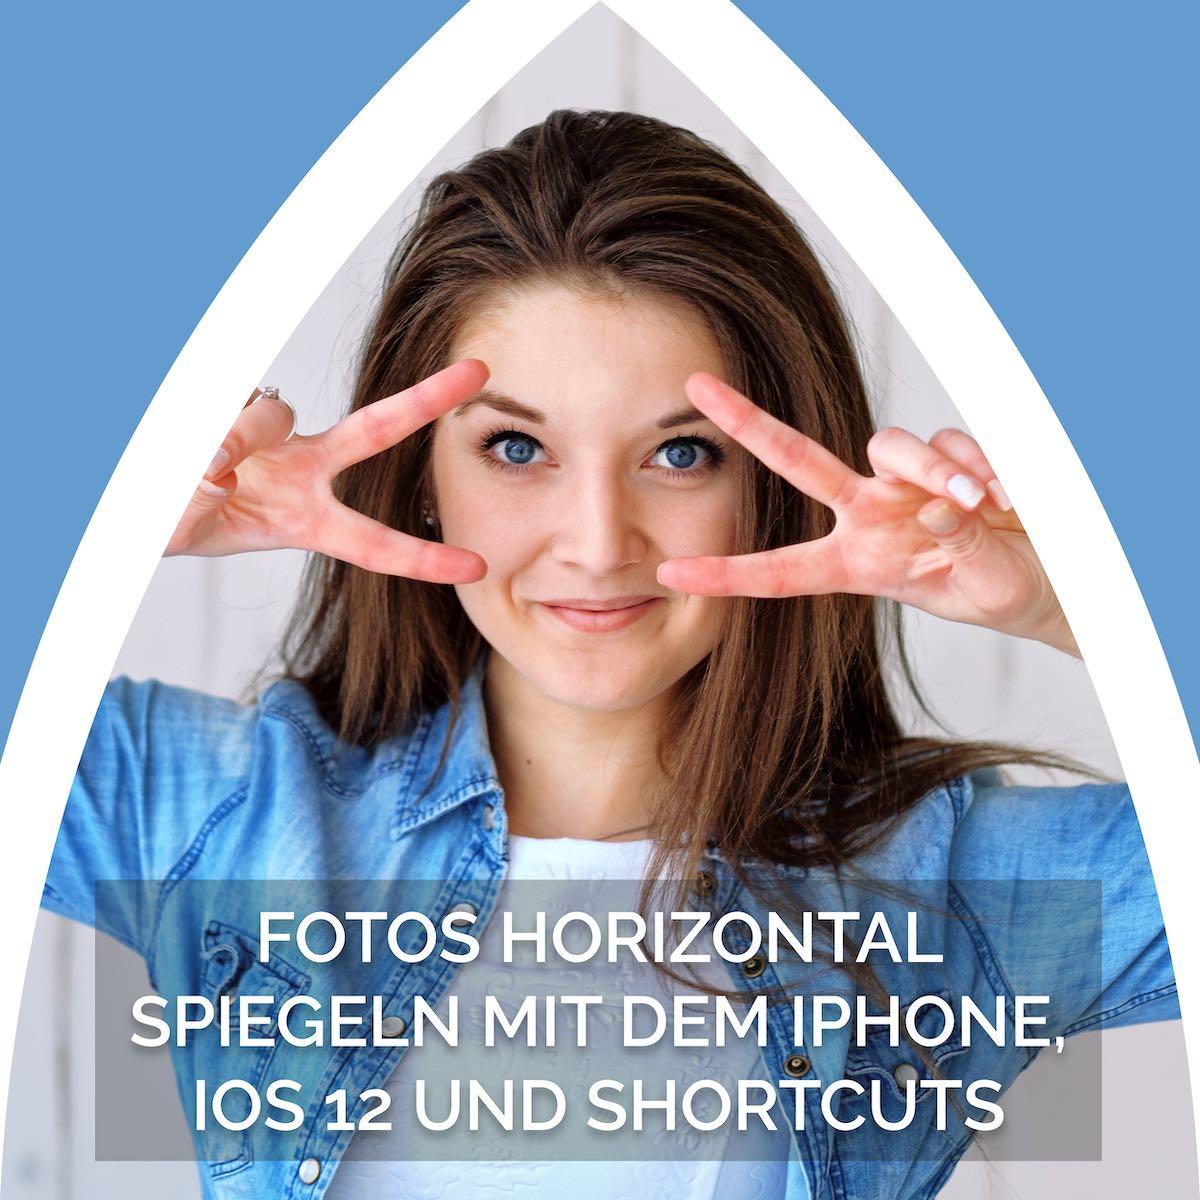 geschmacksRaum_WERBEAGENTUR_Fotos_horizontal_spiegeln_mit_dem_iPhone_iOS_12_und_Shortcuts_Kurzbefehle-f